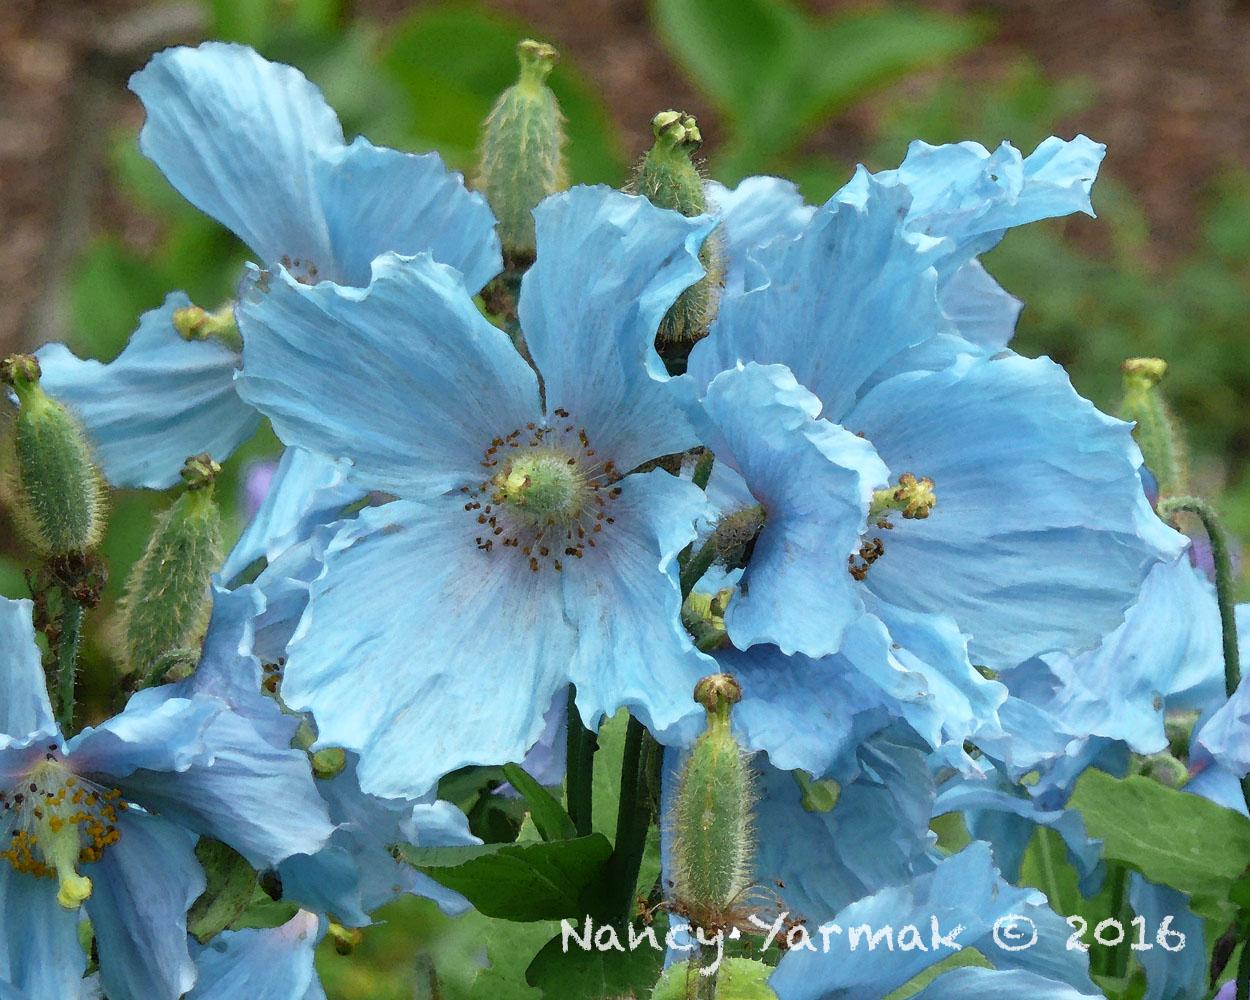 Blue Poppy-Nancy Yarmak